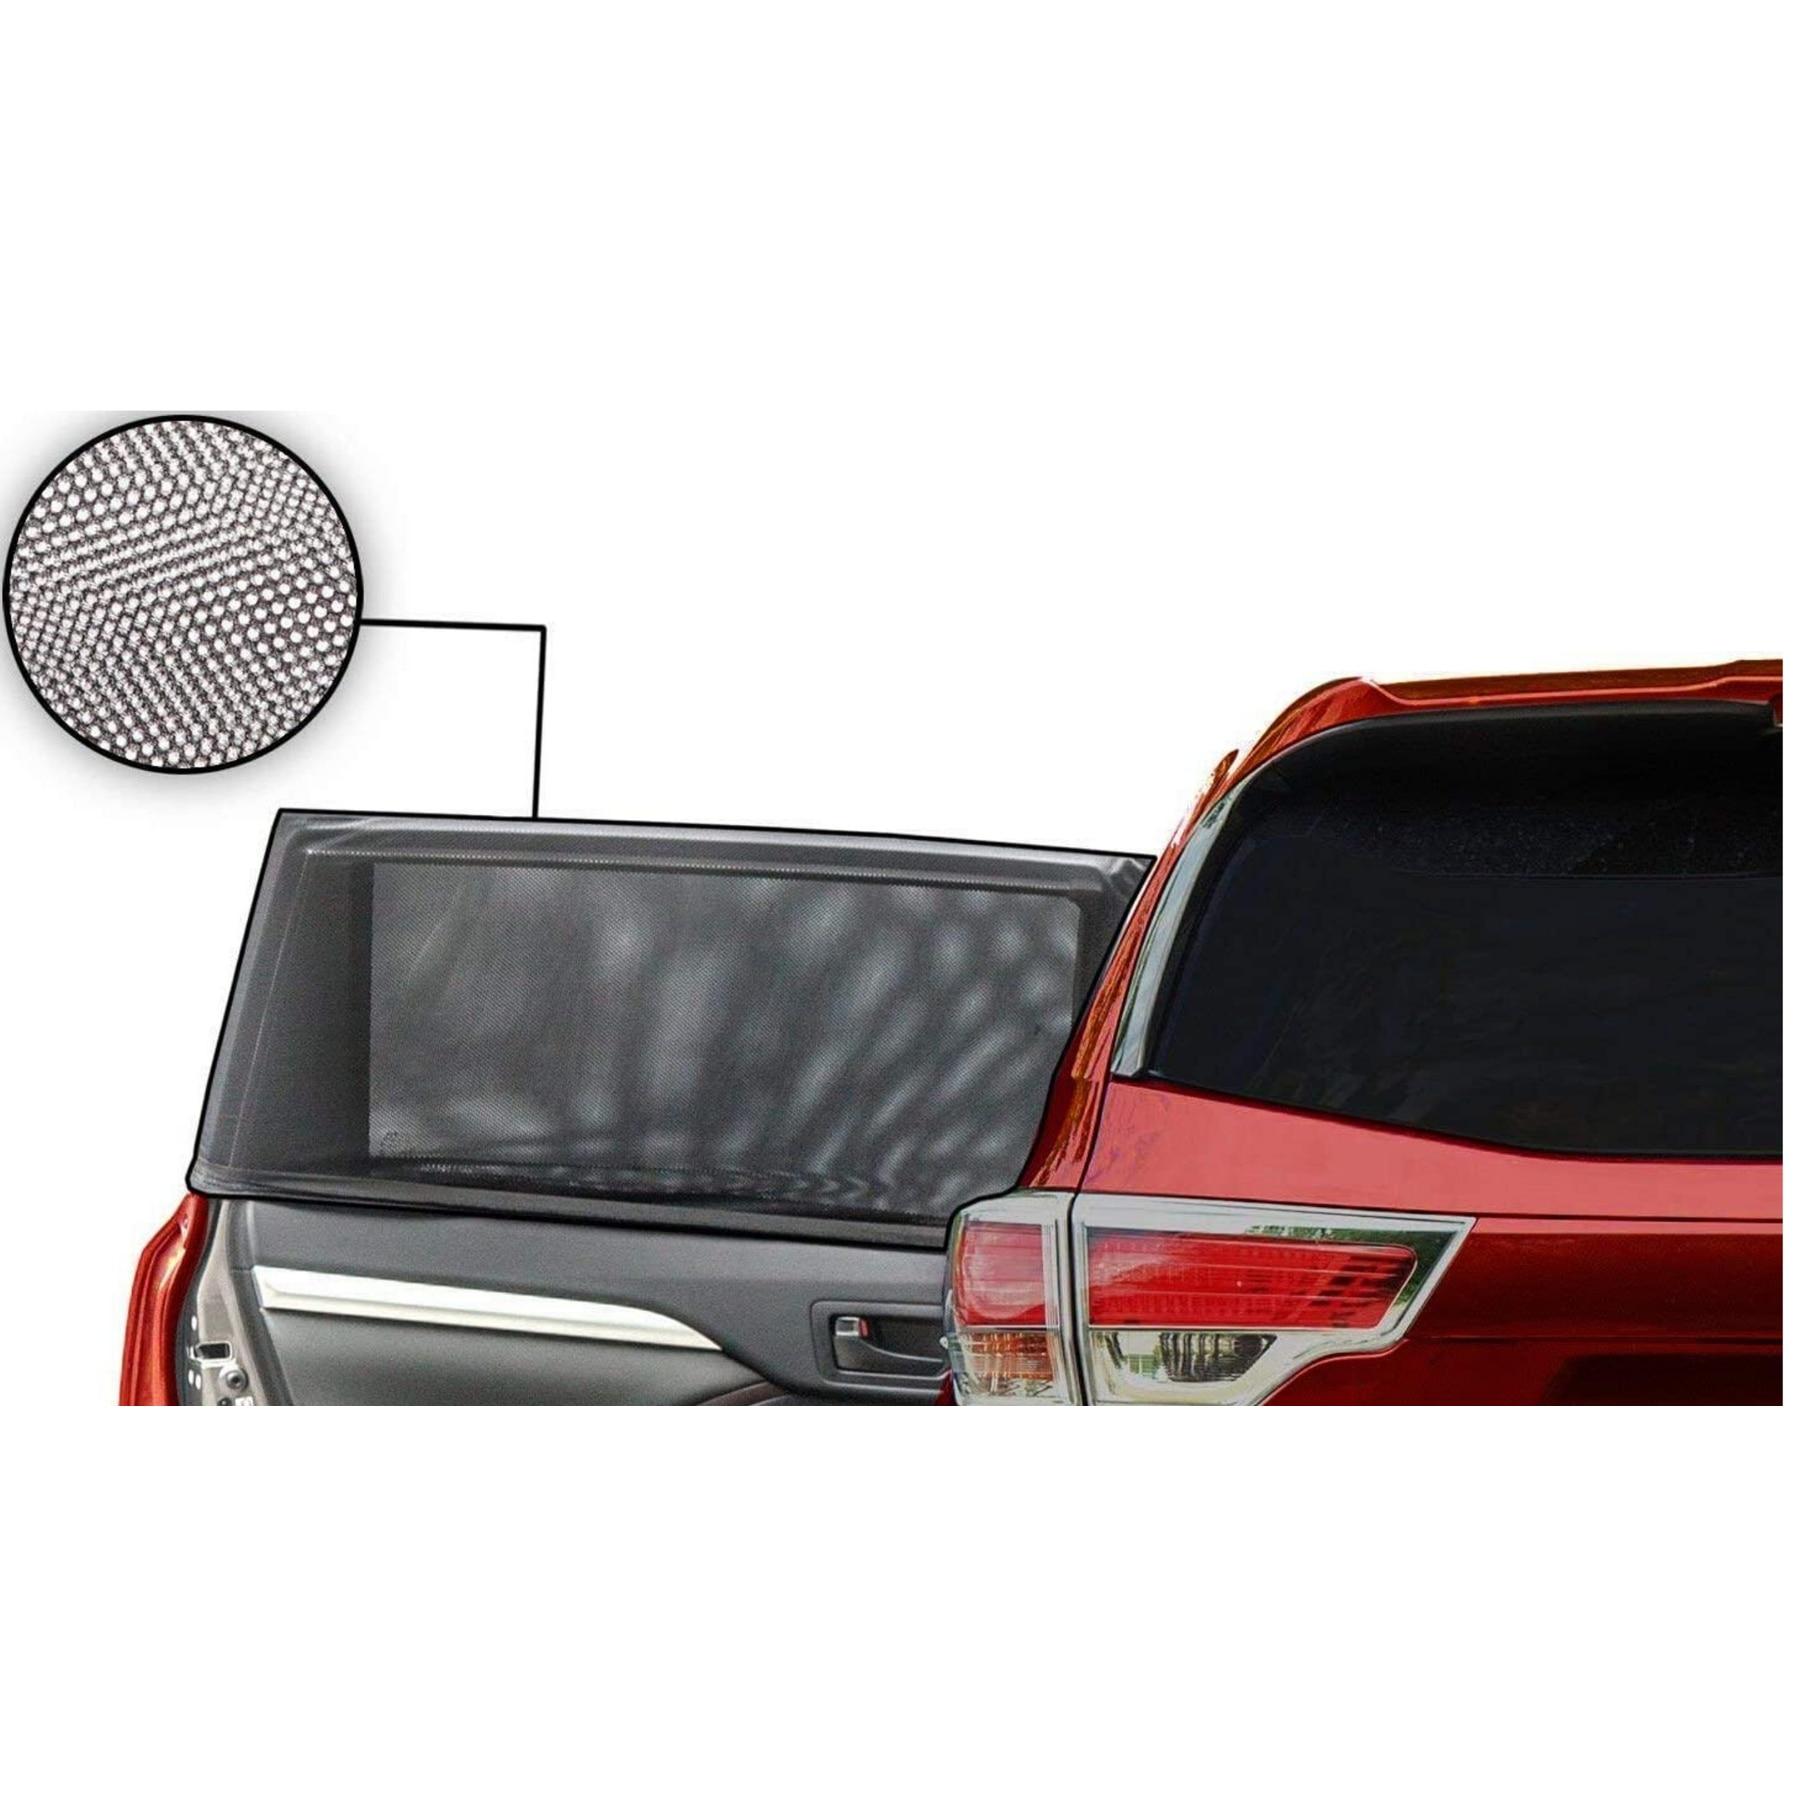 Ao Sol carro, janela lateral Traseira, Para bebês, crianças e Animais de Estimação, duplo tecido Para Proteção máxima contr